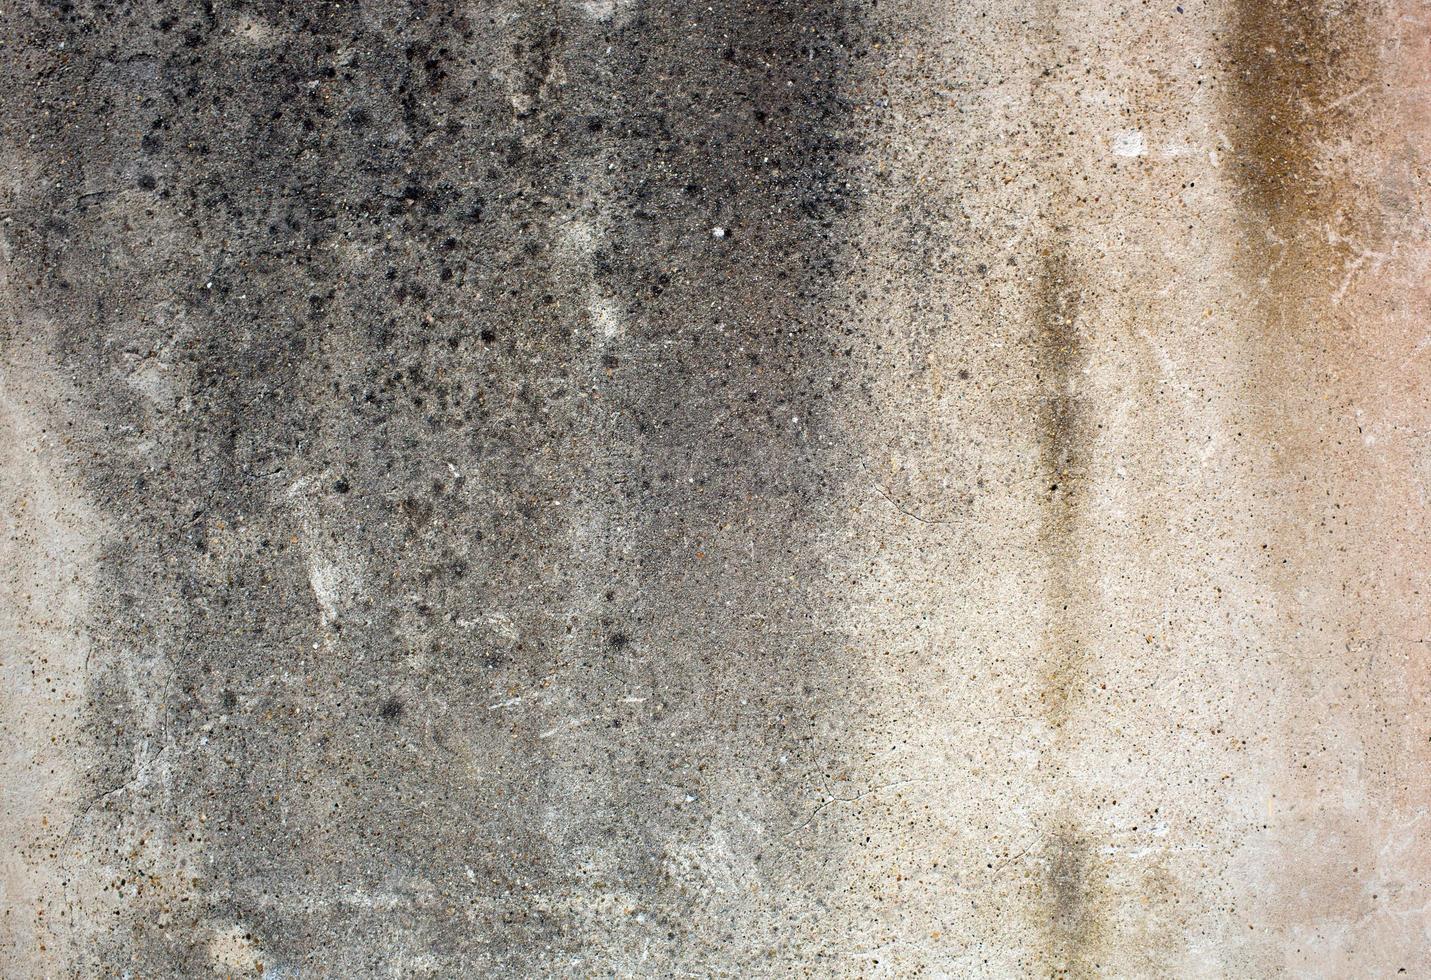 vieux mur de béton texturé photo